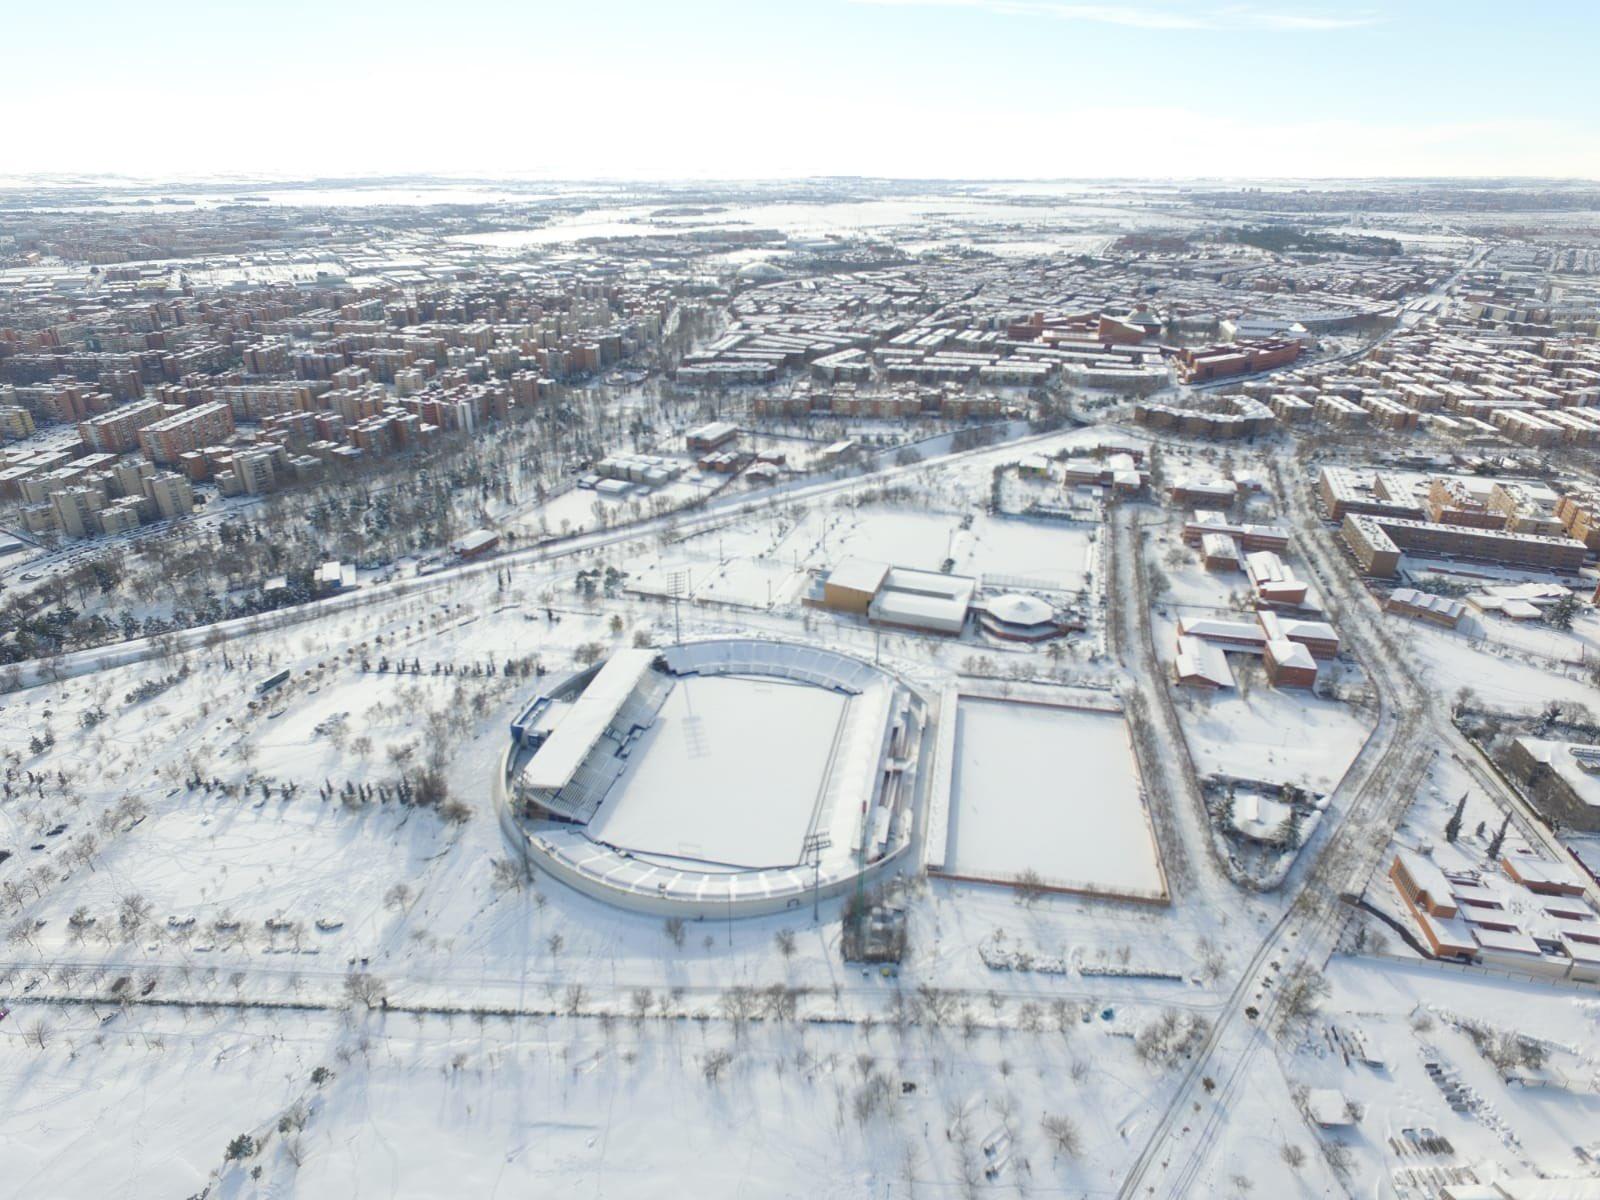 Vista area de la Ciudad de Madrid Cubierta de nieve